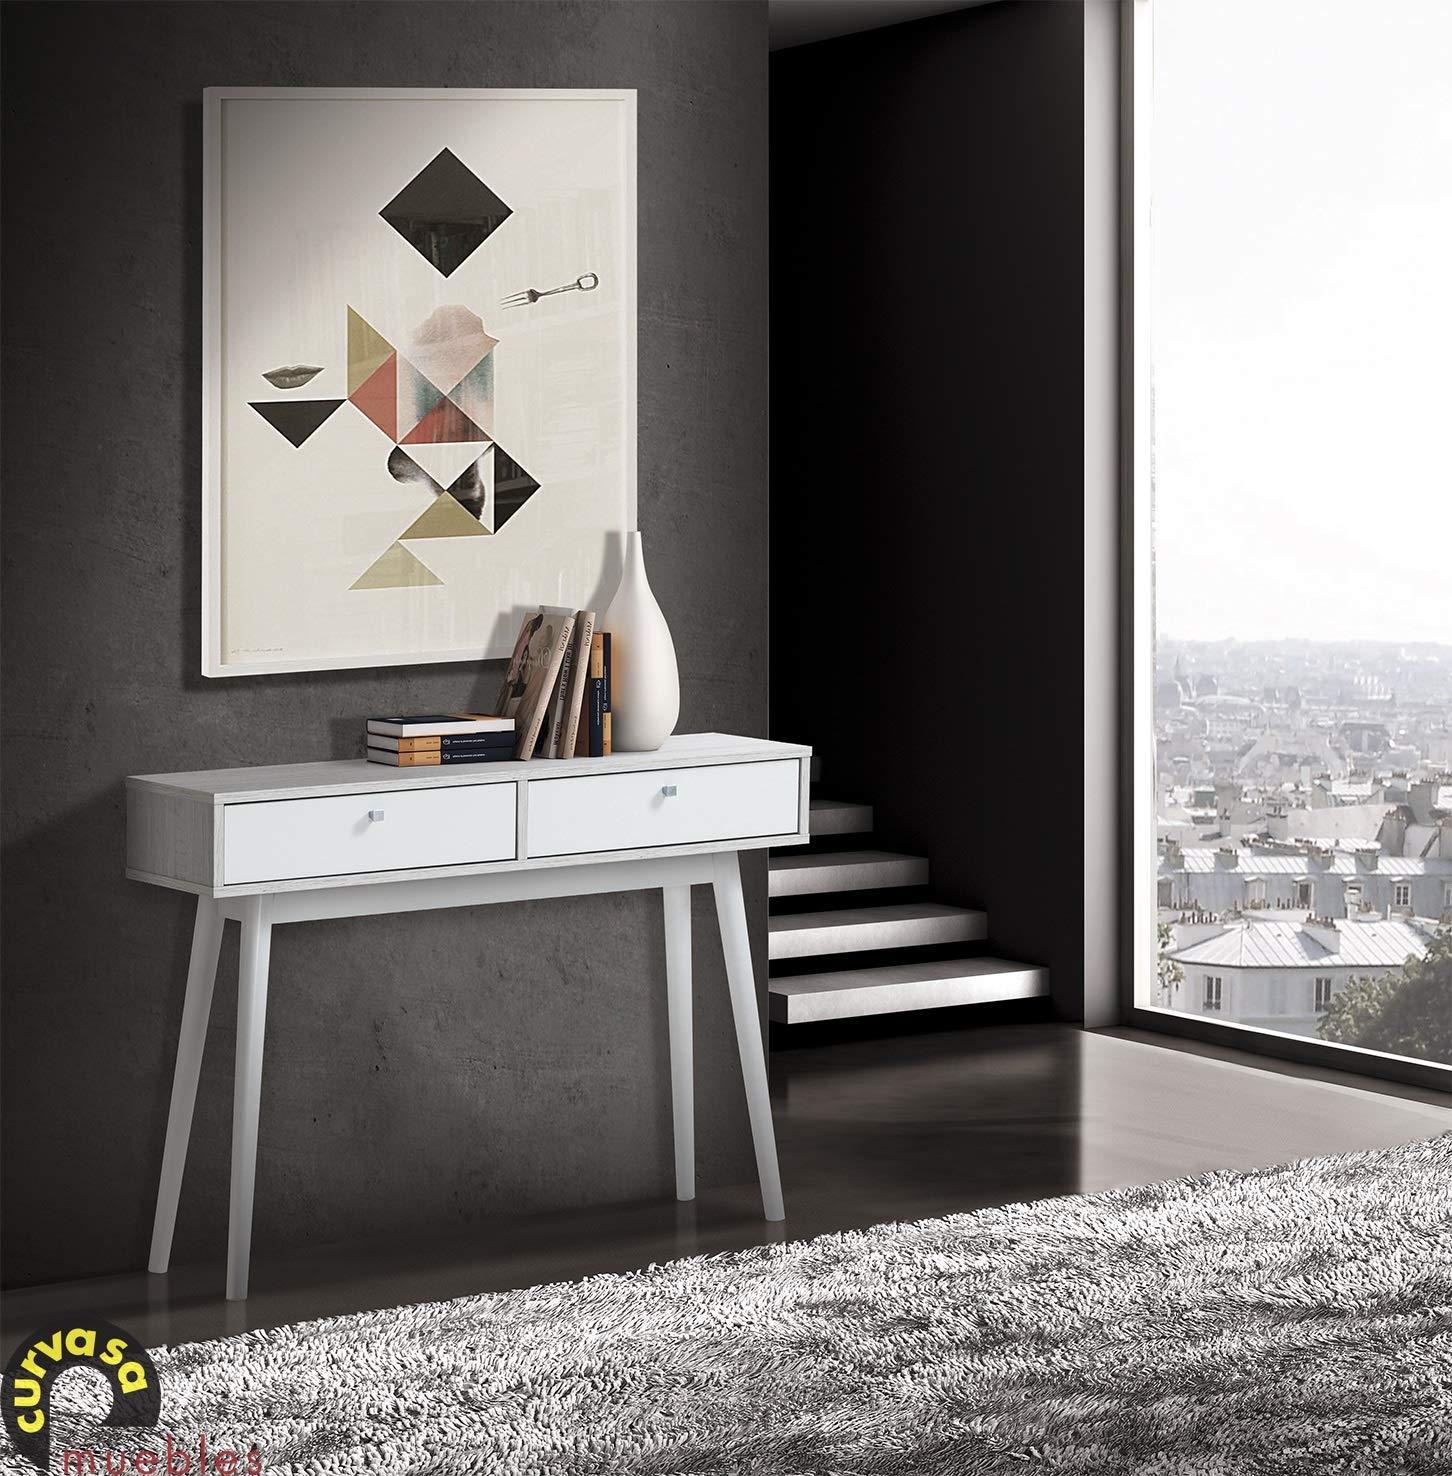 Curvasa - Recibidor Consola Roble Blanco 100 x 32 x 75 con Dos Cajones Harmony